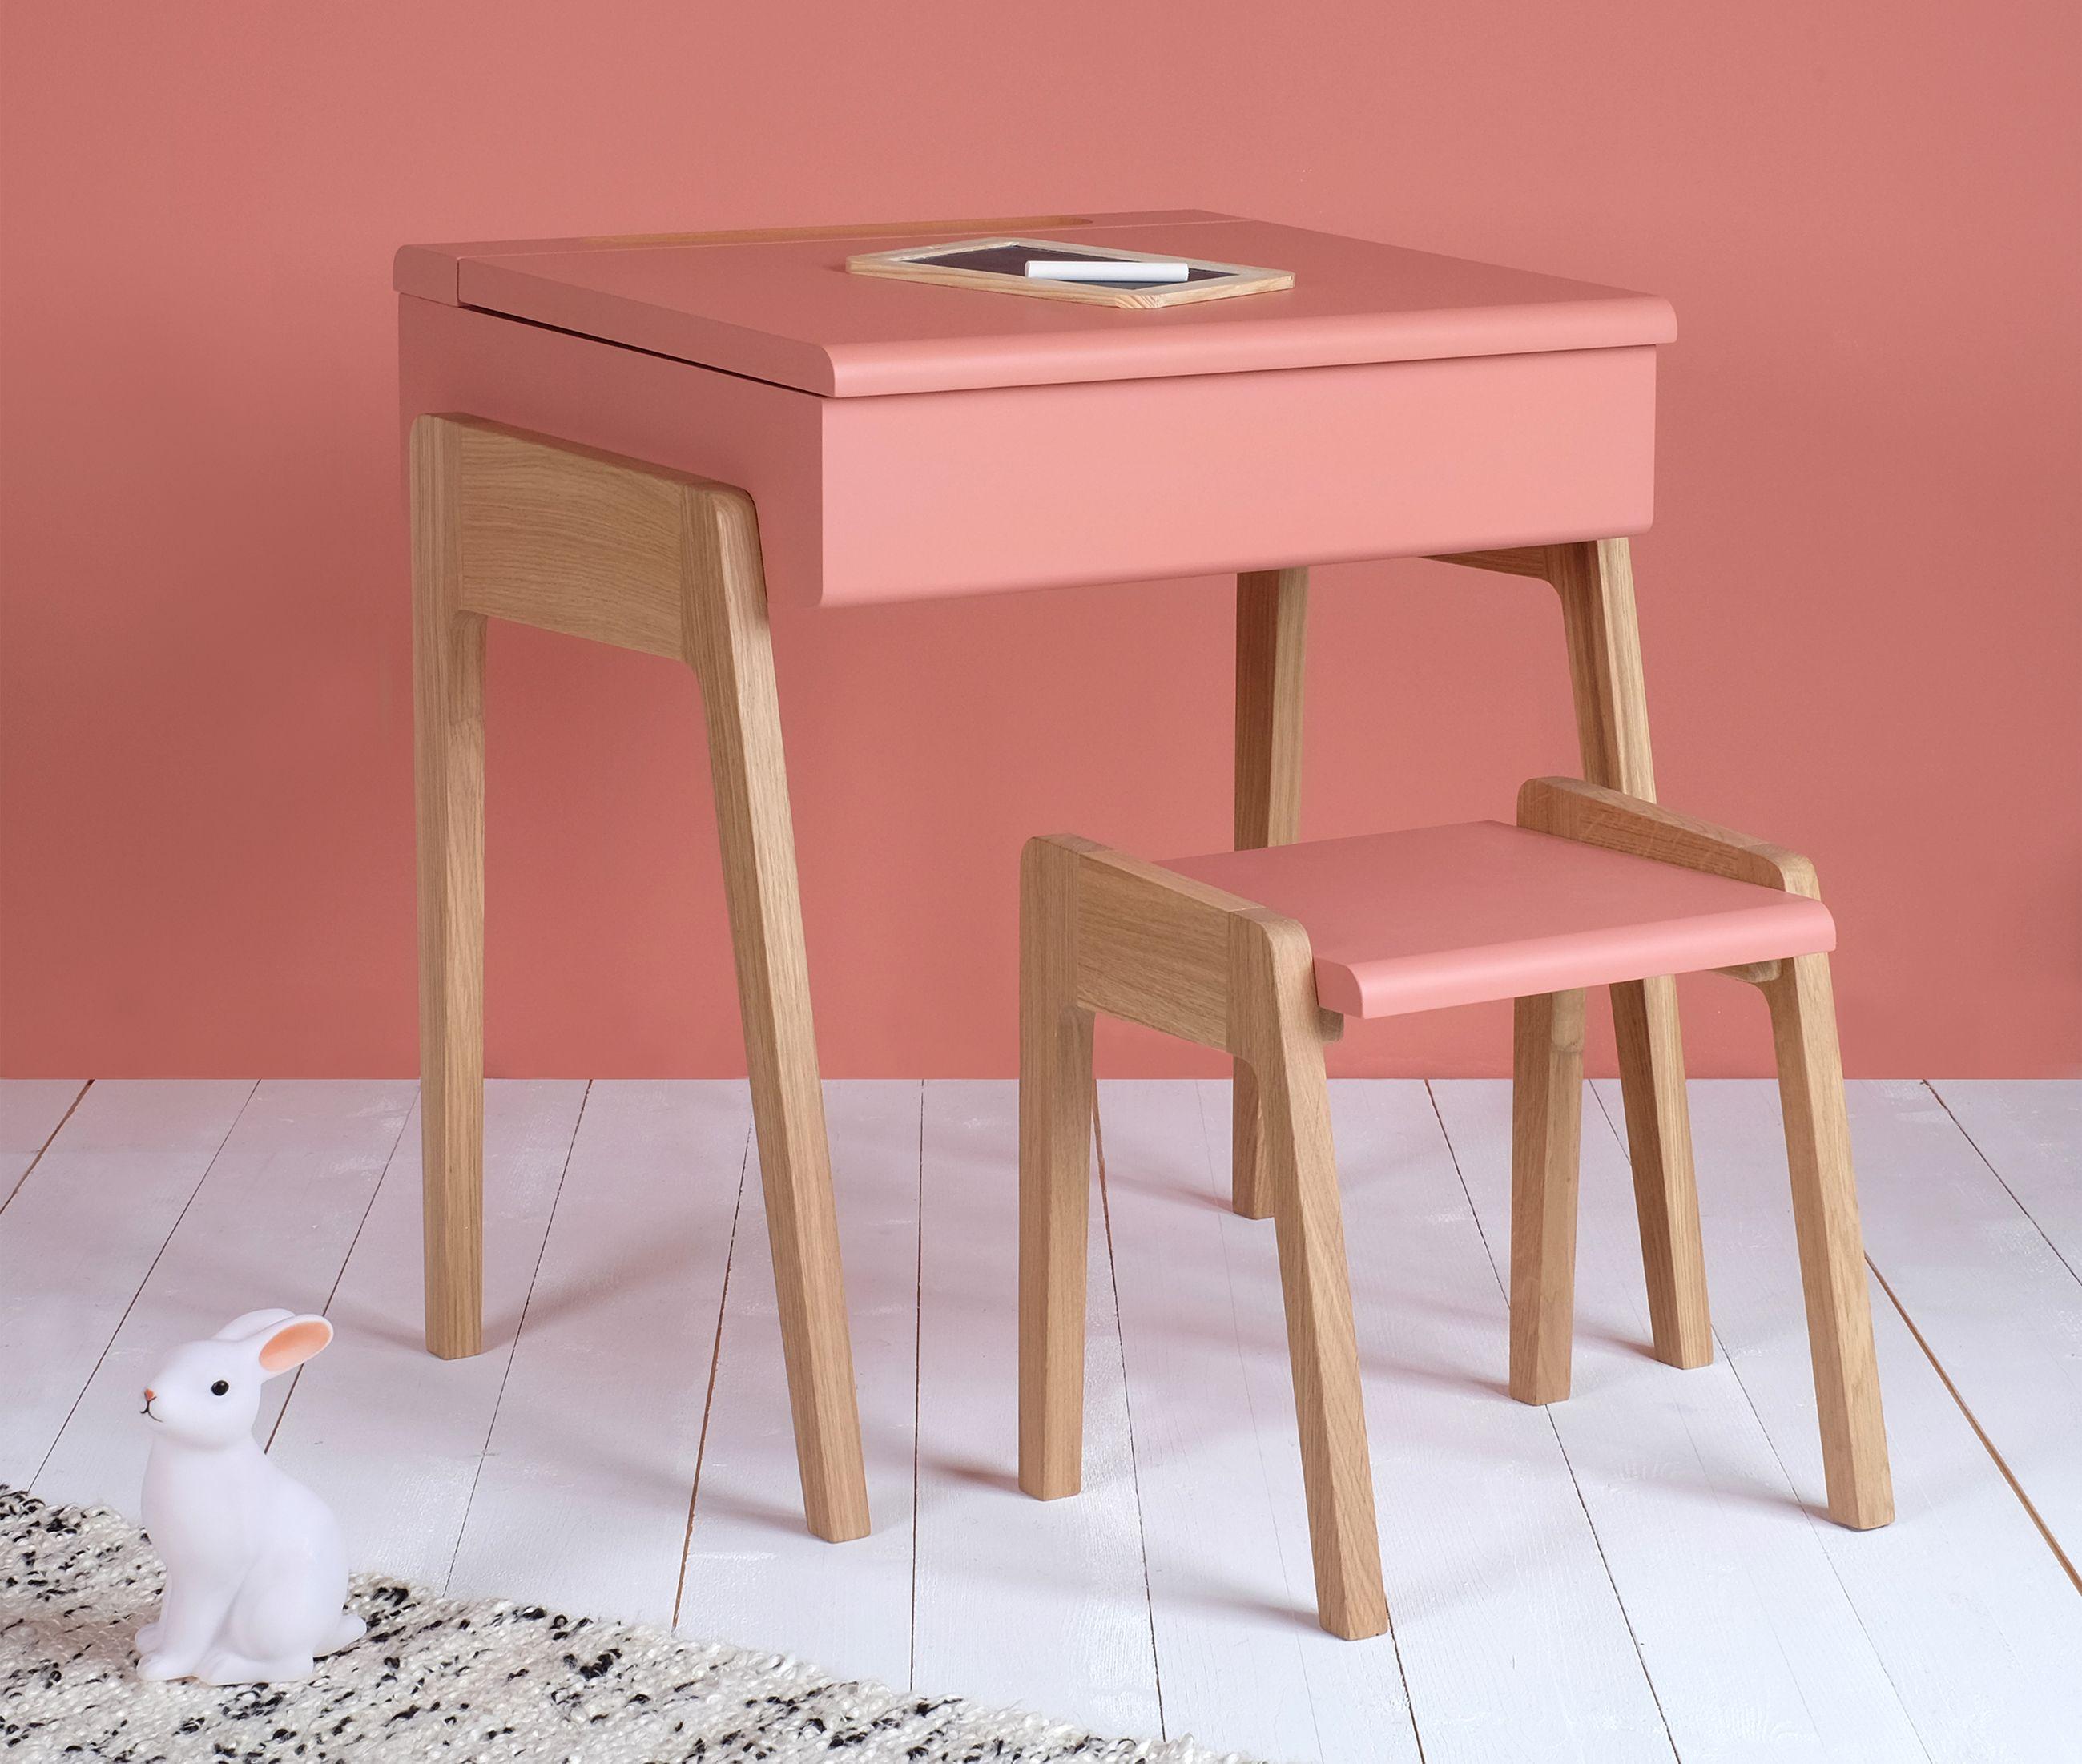 Bureau et tabouret enfant style pupitre rose et chne Idal pour